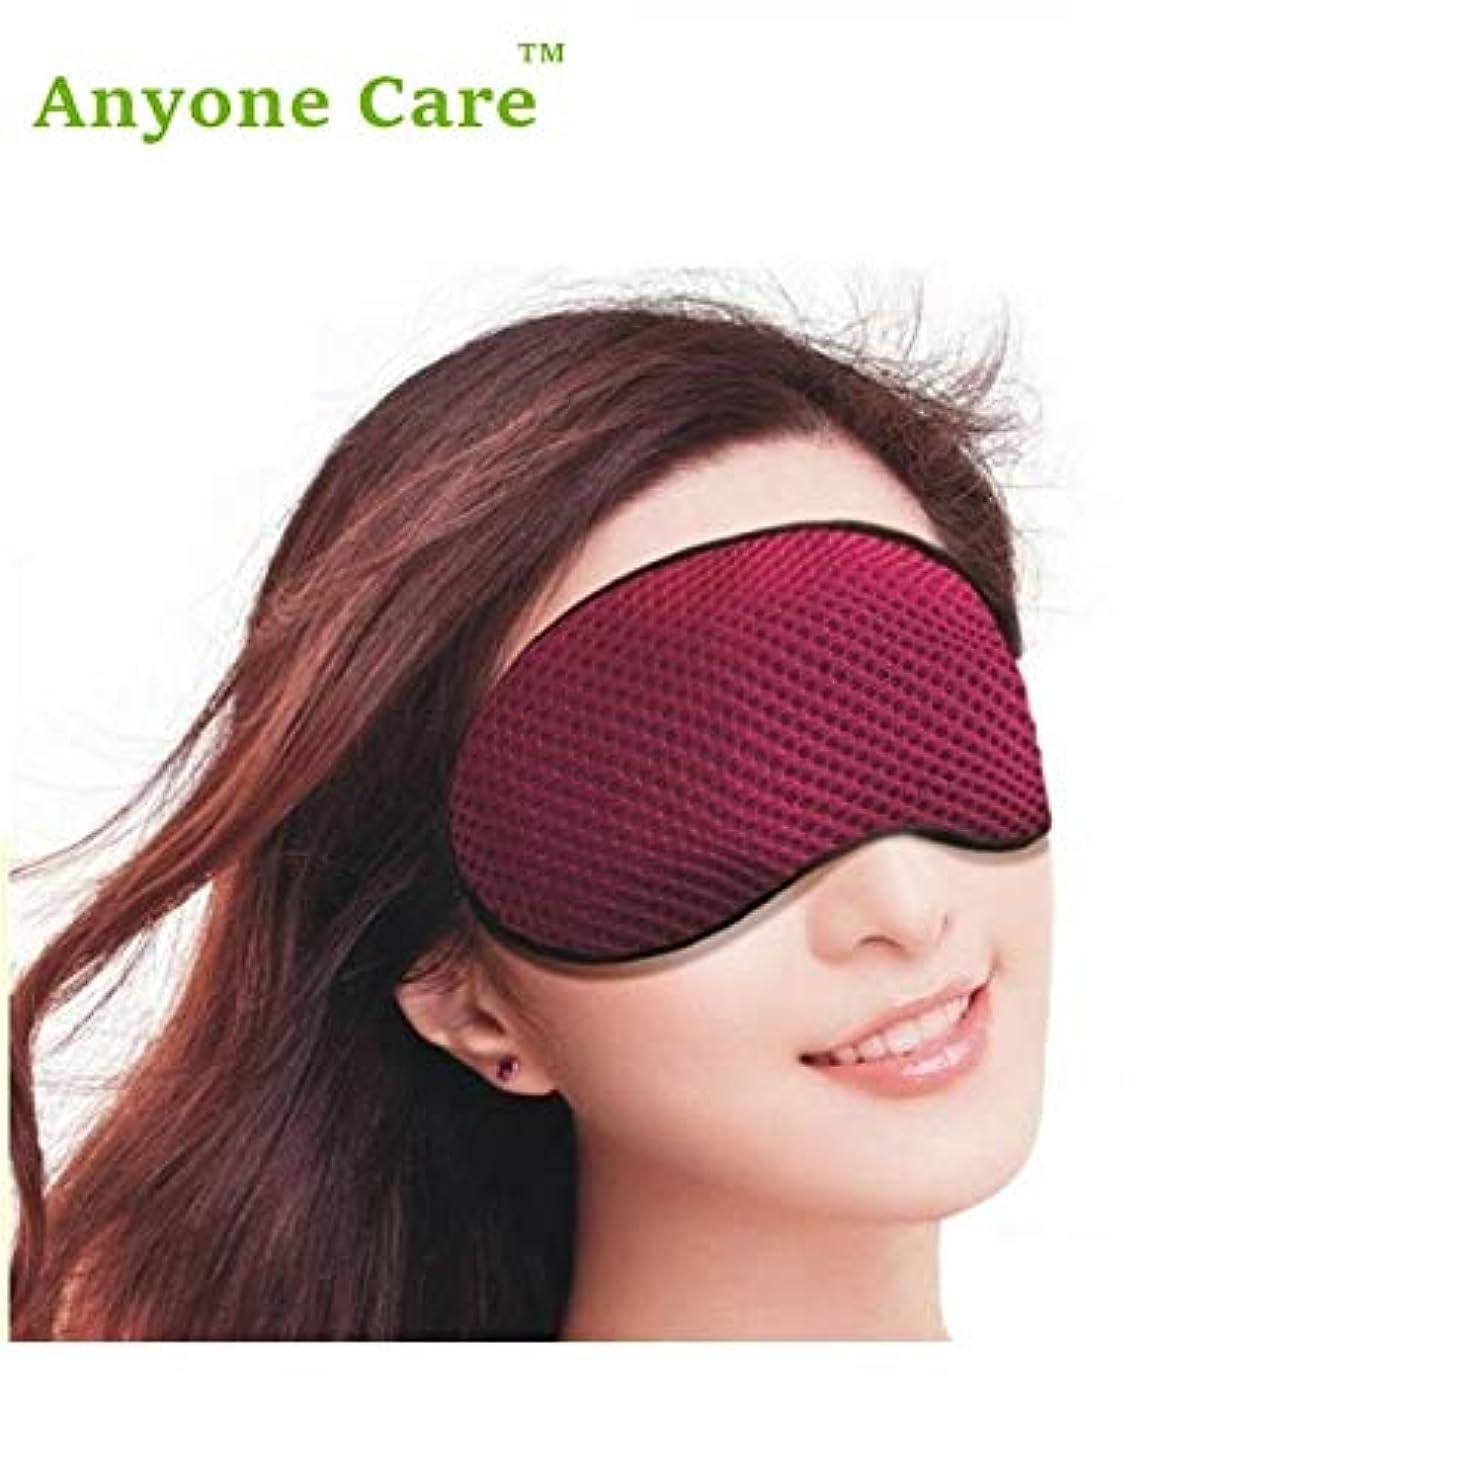 変動する直接反応するNOTE 竹炭アイシェード男性と女性の旅行を和らげる疲労神経目マスク睡眠補助薬アイカバー